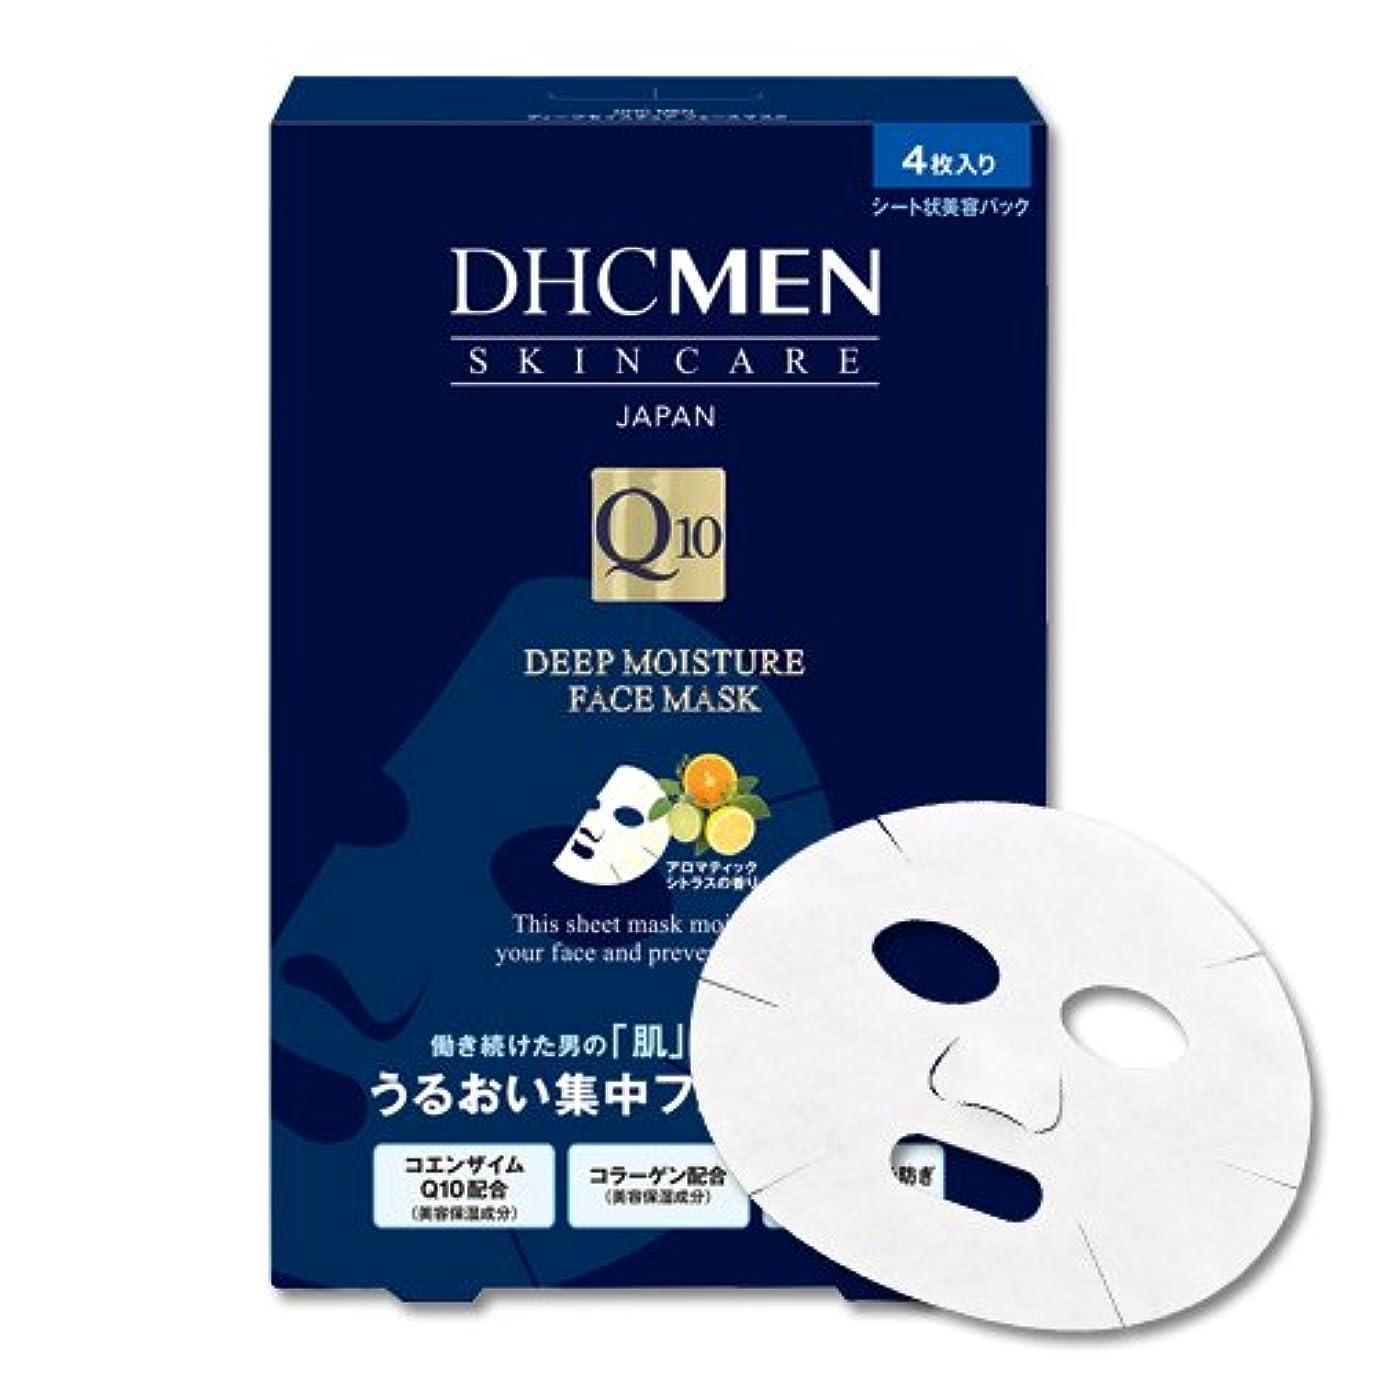 隠された日食入り口DHC MEN ディープモイスチュア フェースマスク